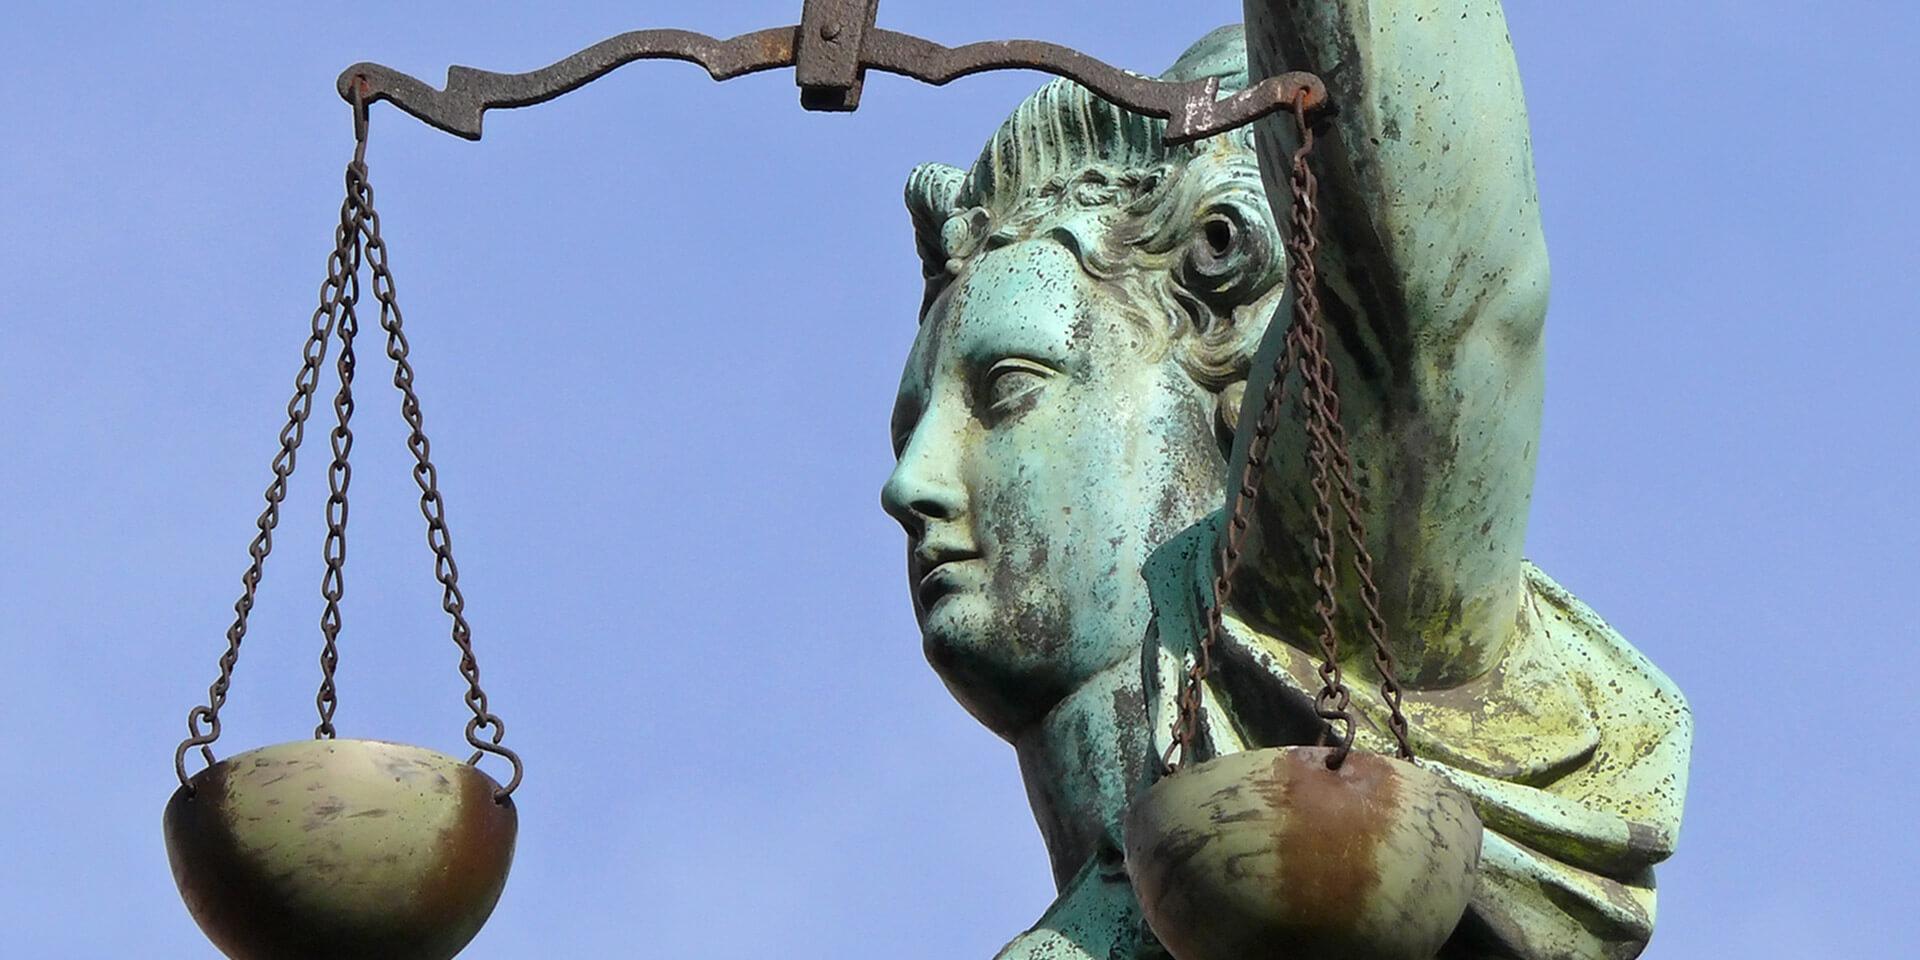 Steinstatue der Göttin Justitia